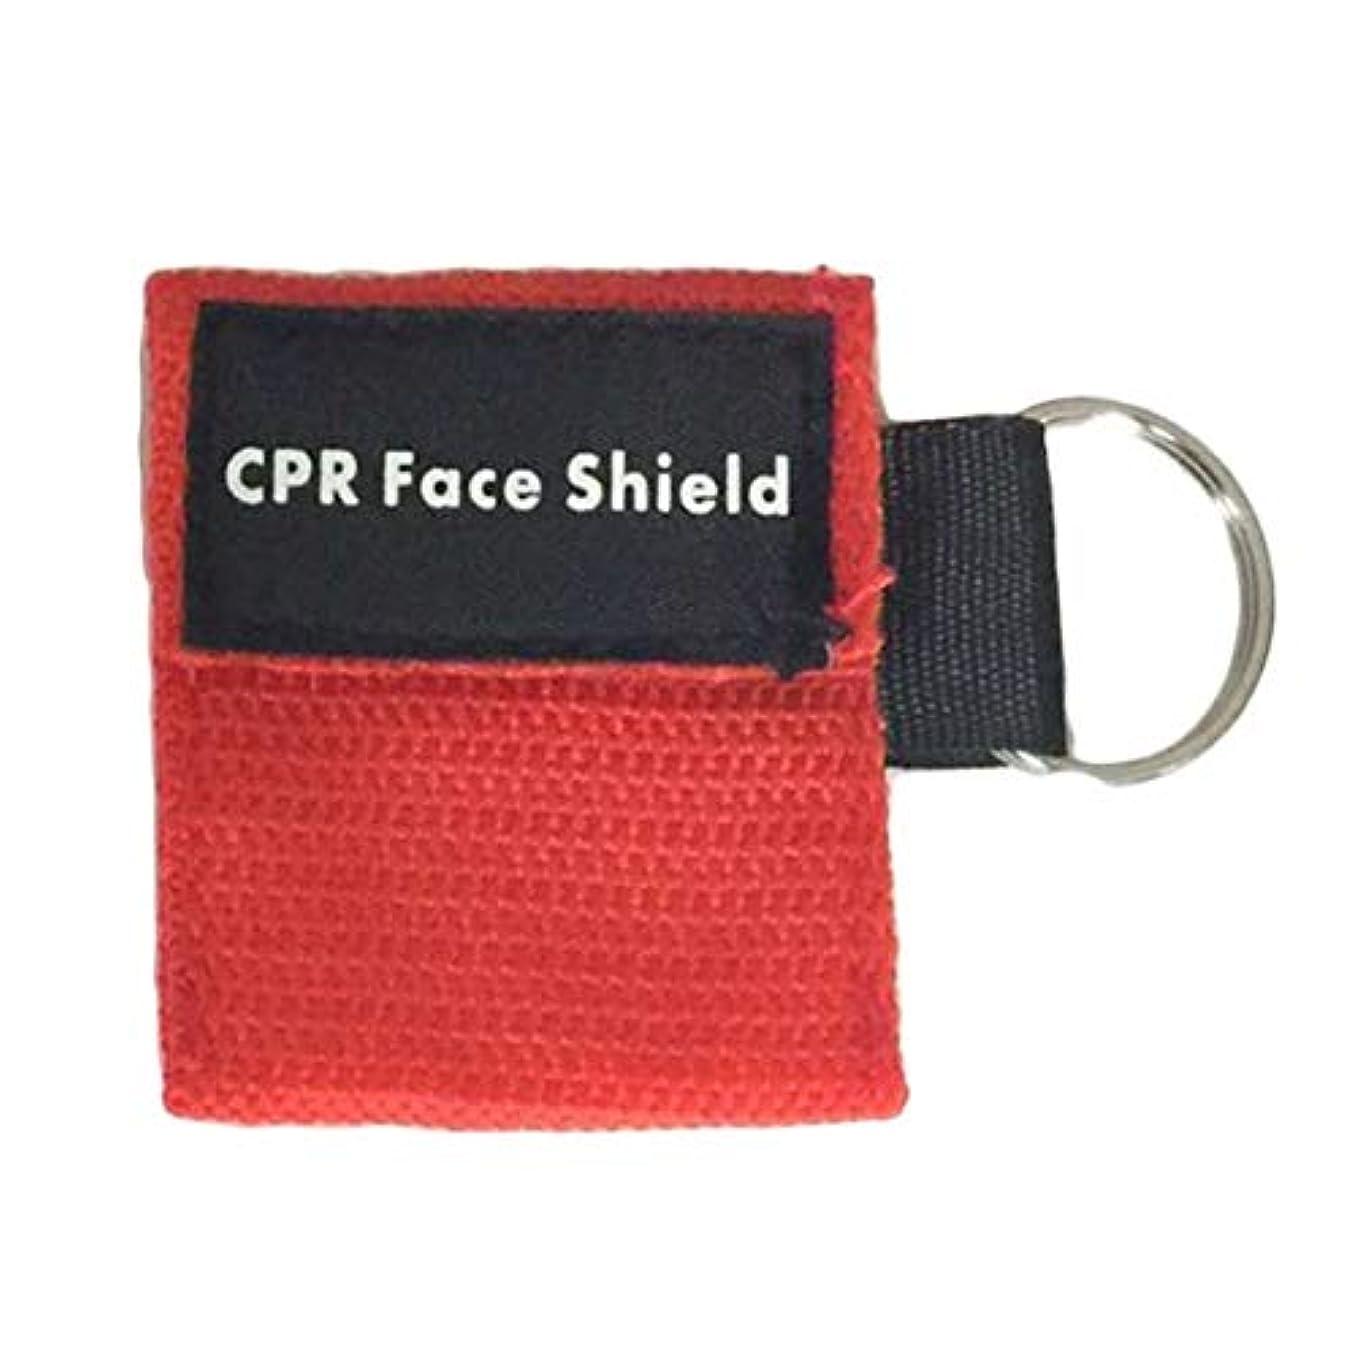 被害者申し立て誤解Intercorey 2ピースポータブル応急処置ミニCPRキーチェーンマスク/フェイスシールドバリアキットヘルスケアマスク1-ウェイバルブCPRマスク